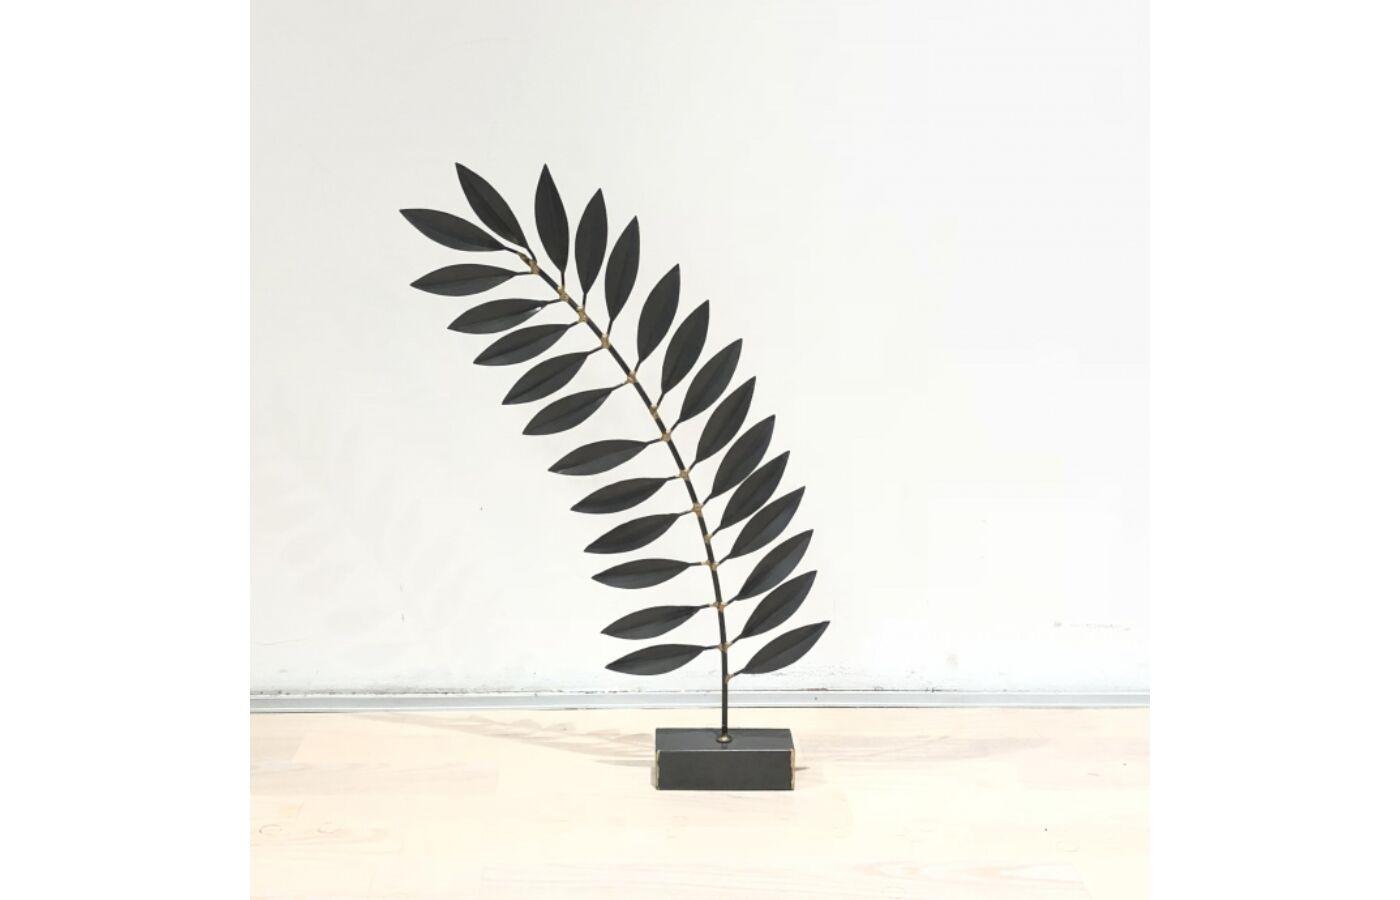 58a0eebfcab9 IDdesign Olive szobor, fém fém, Szobrok, dekor termékek kategóriában ...